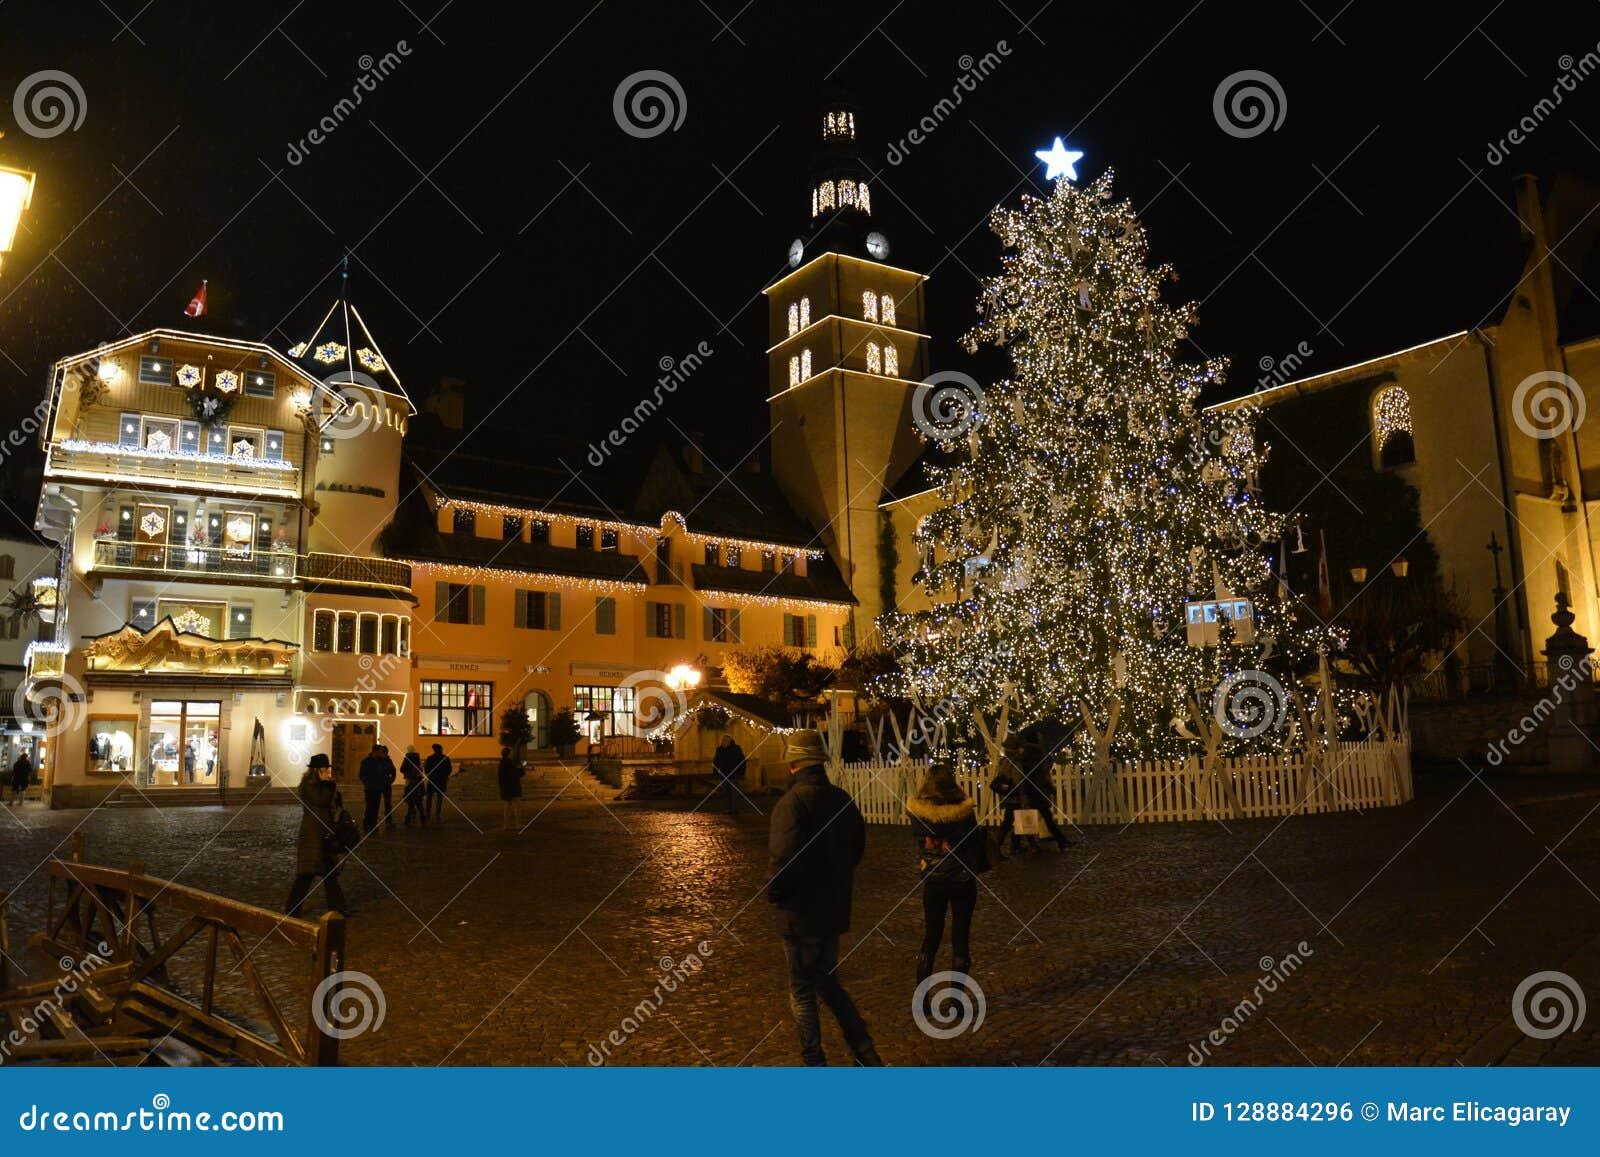 Weihnachtsbaum in einem kleinen Dorf in den französischen Alpen